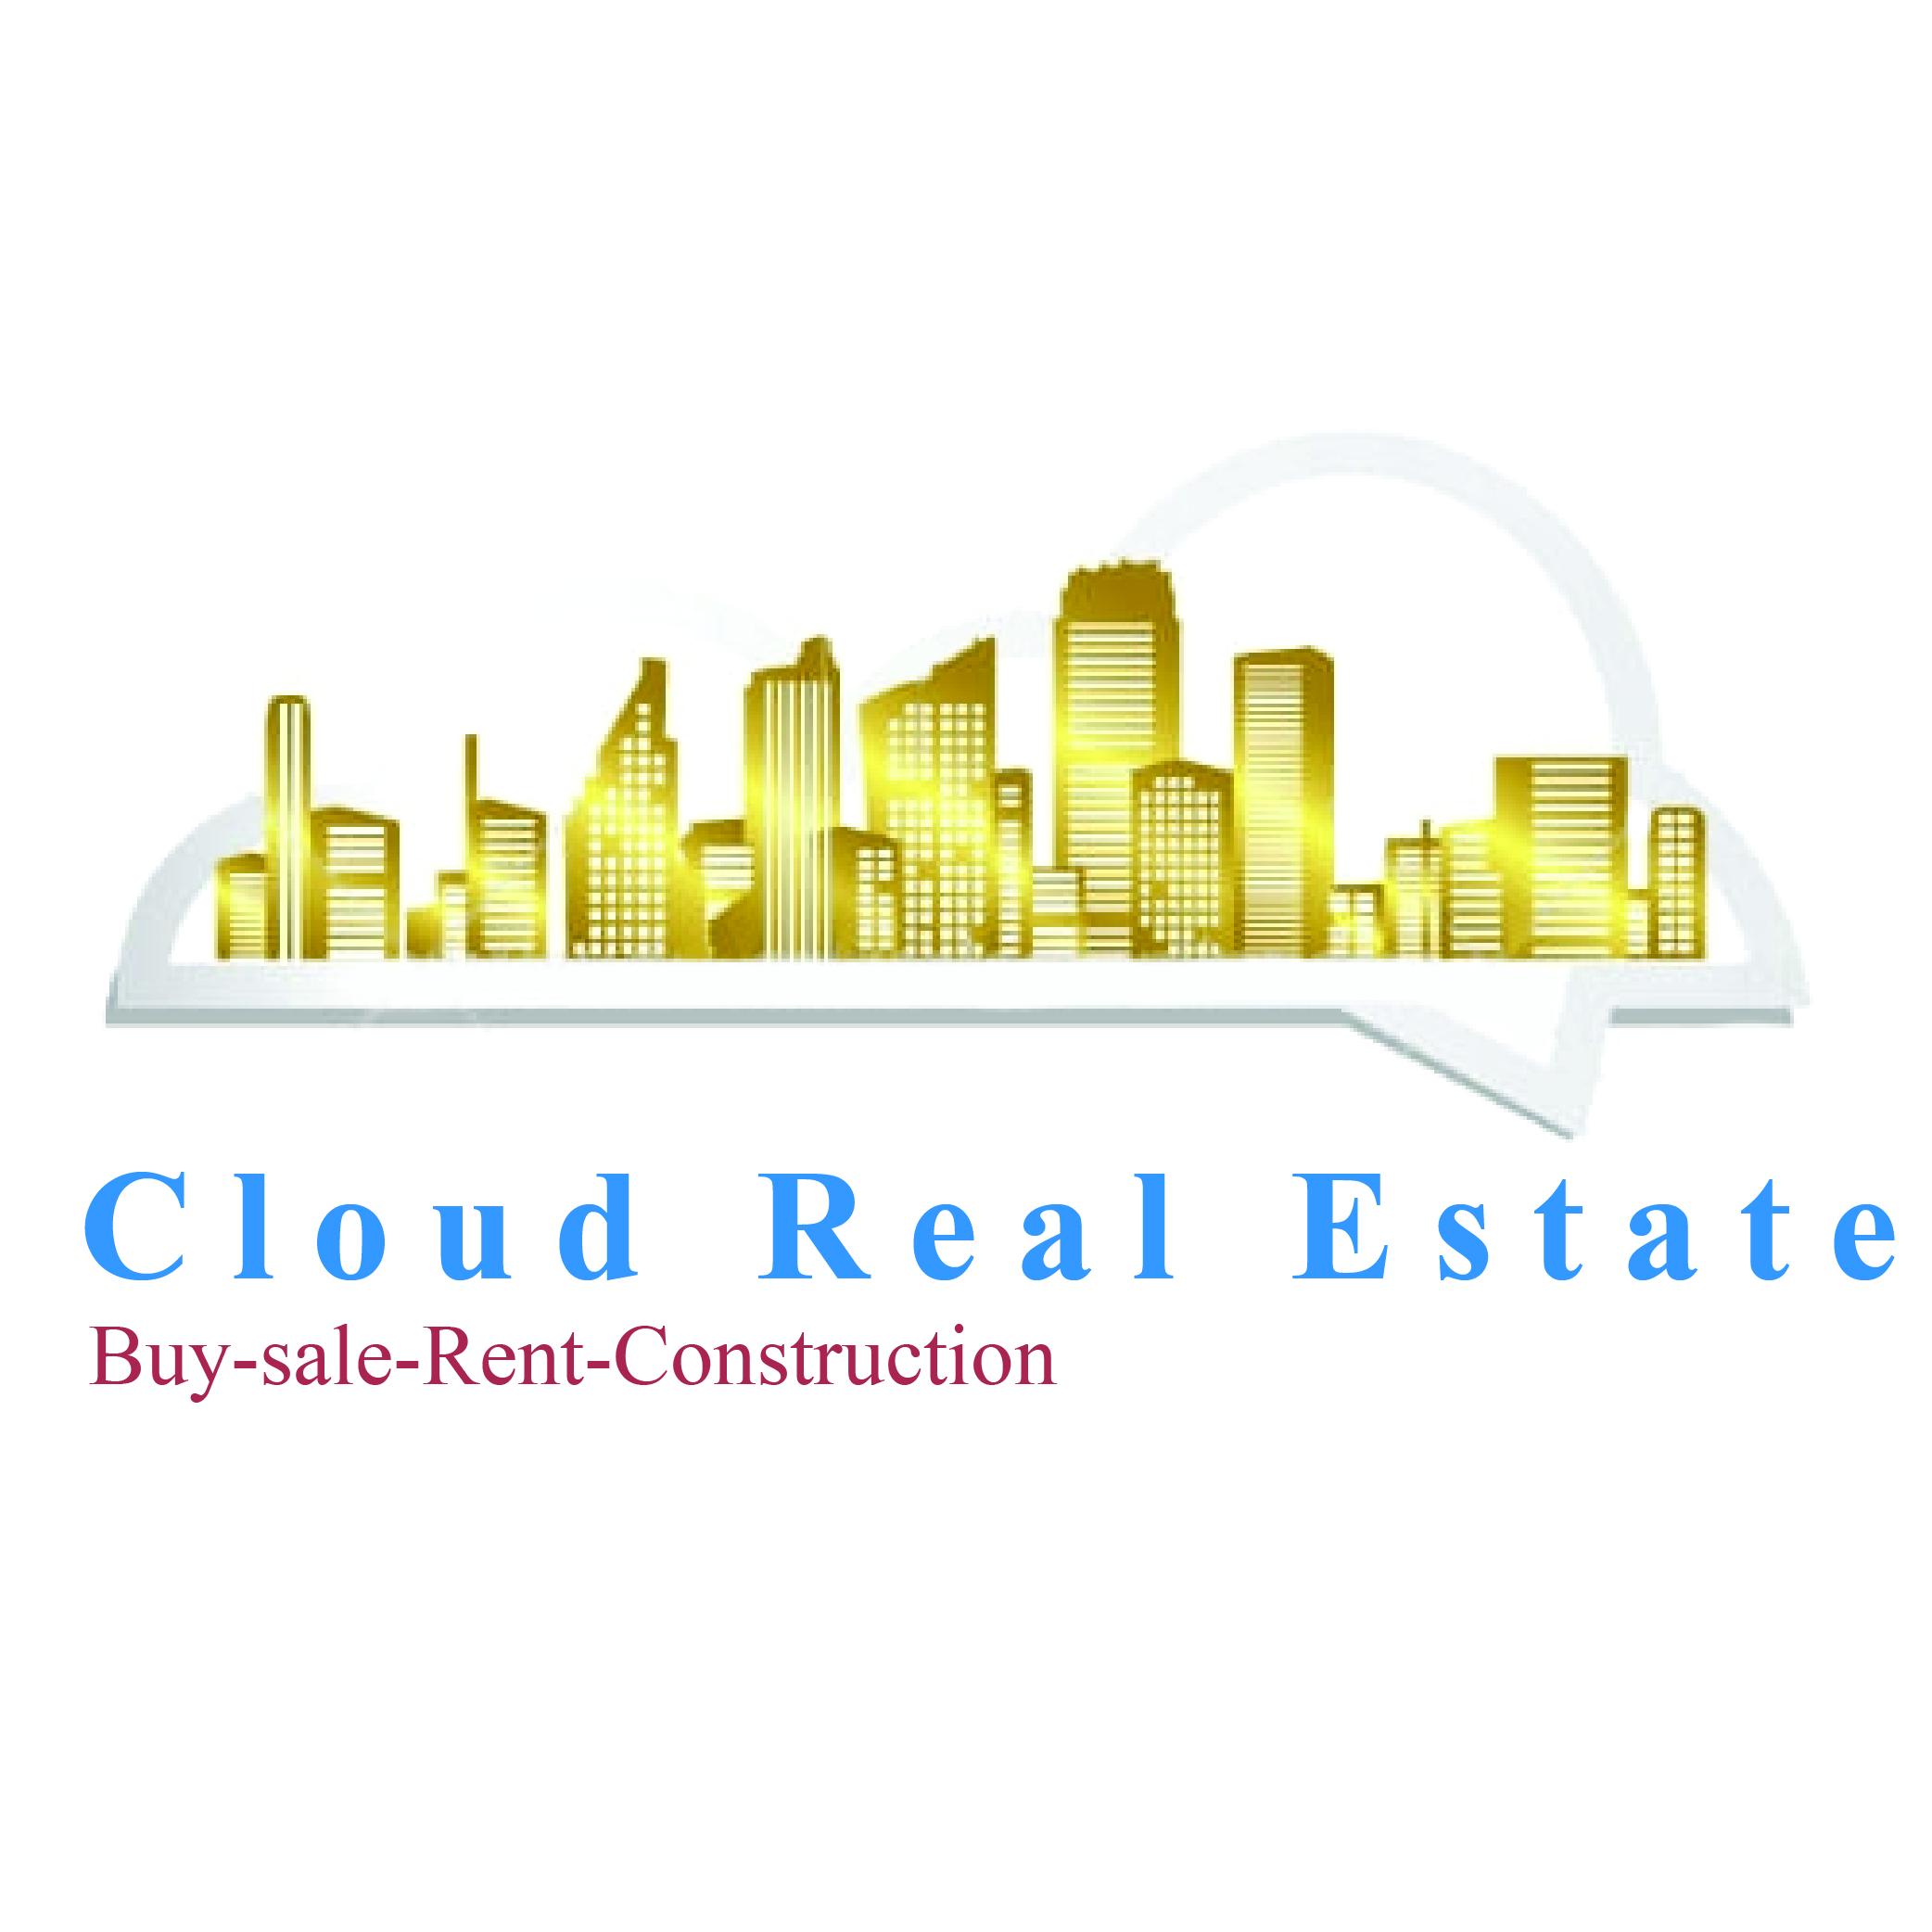 Cloud Real Estate